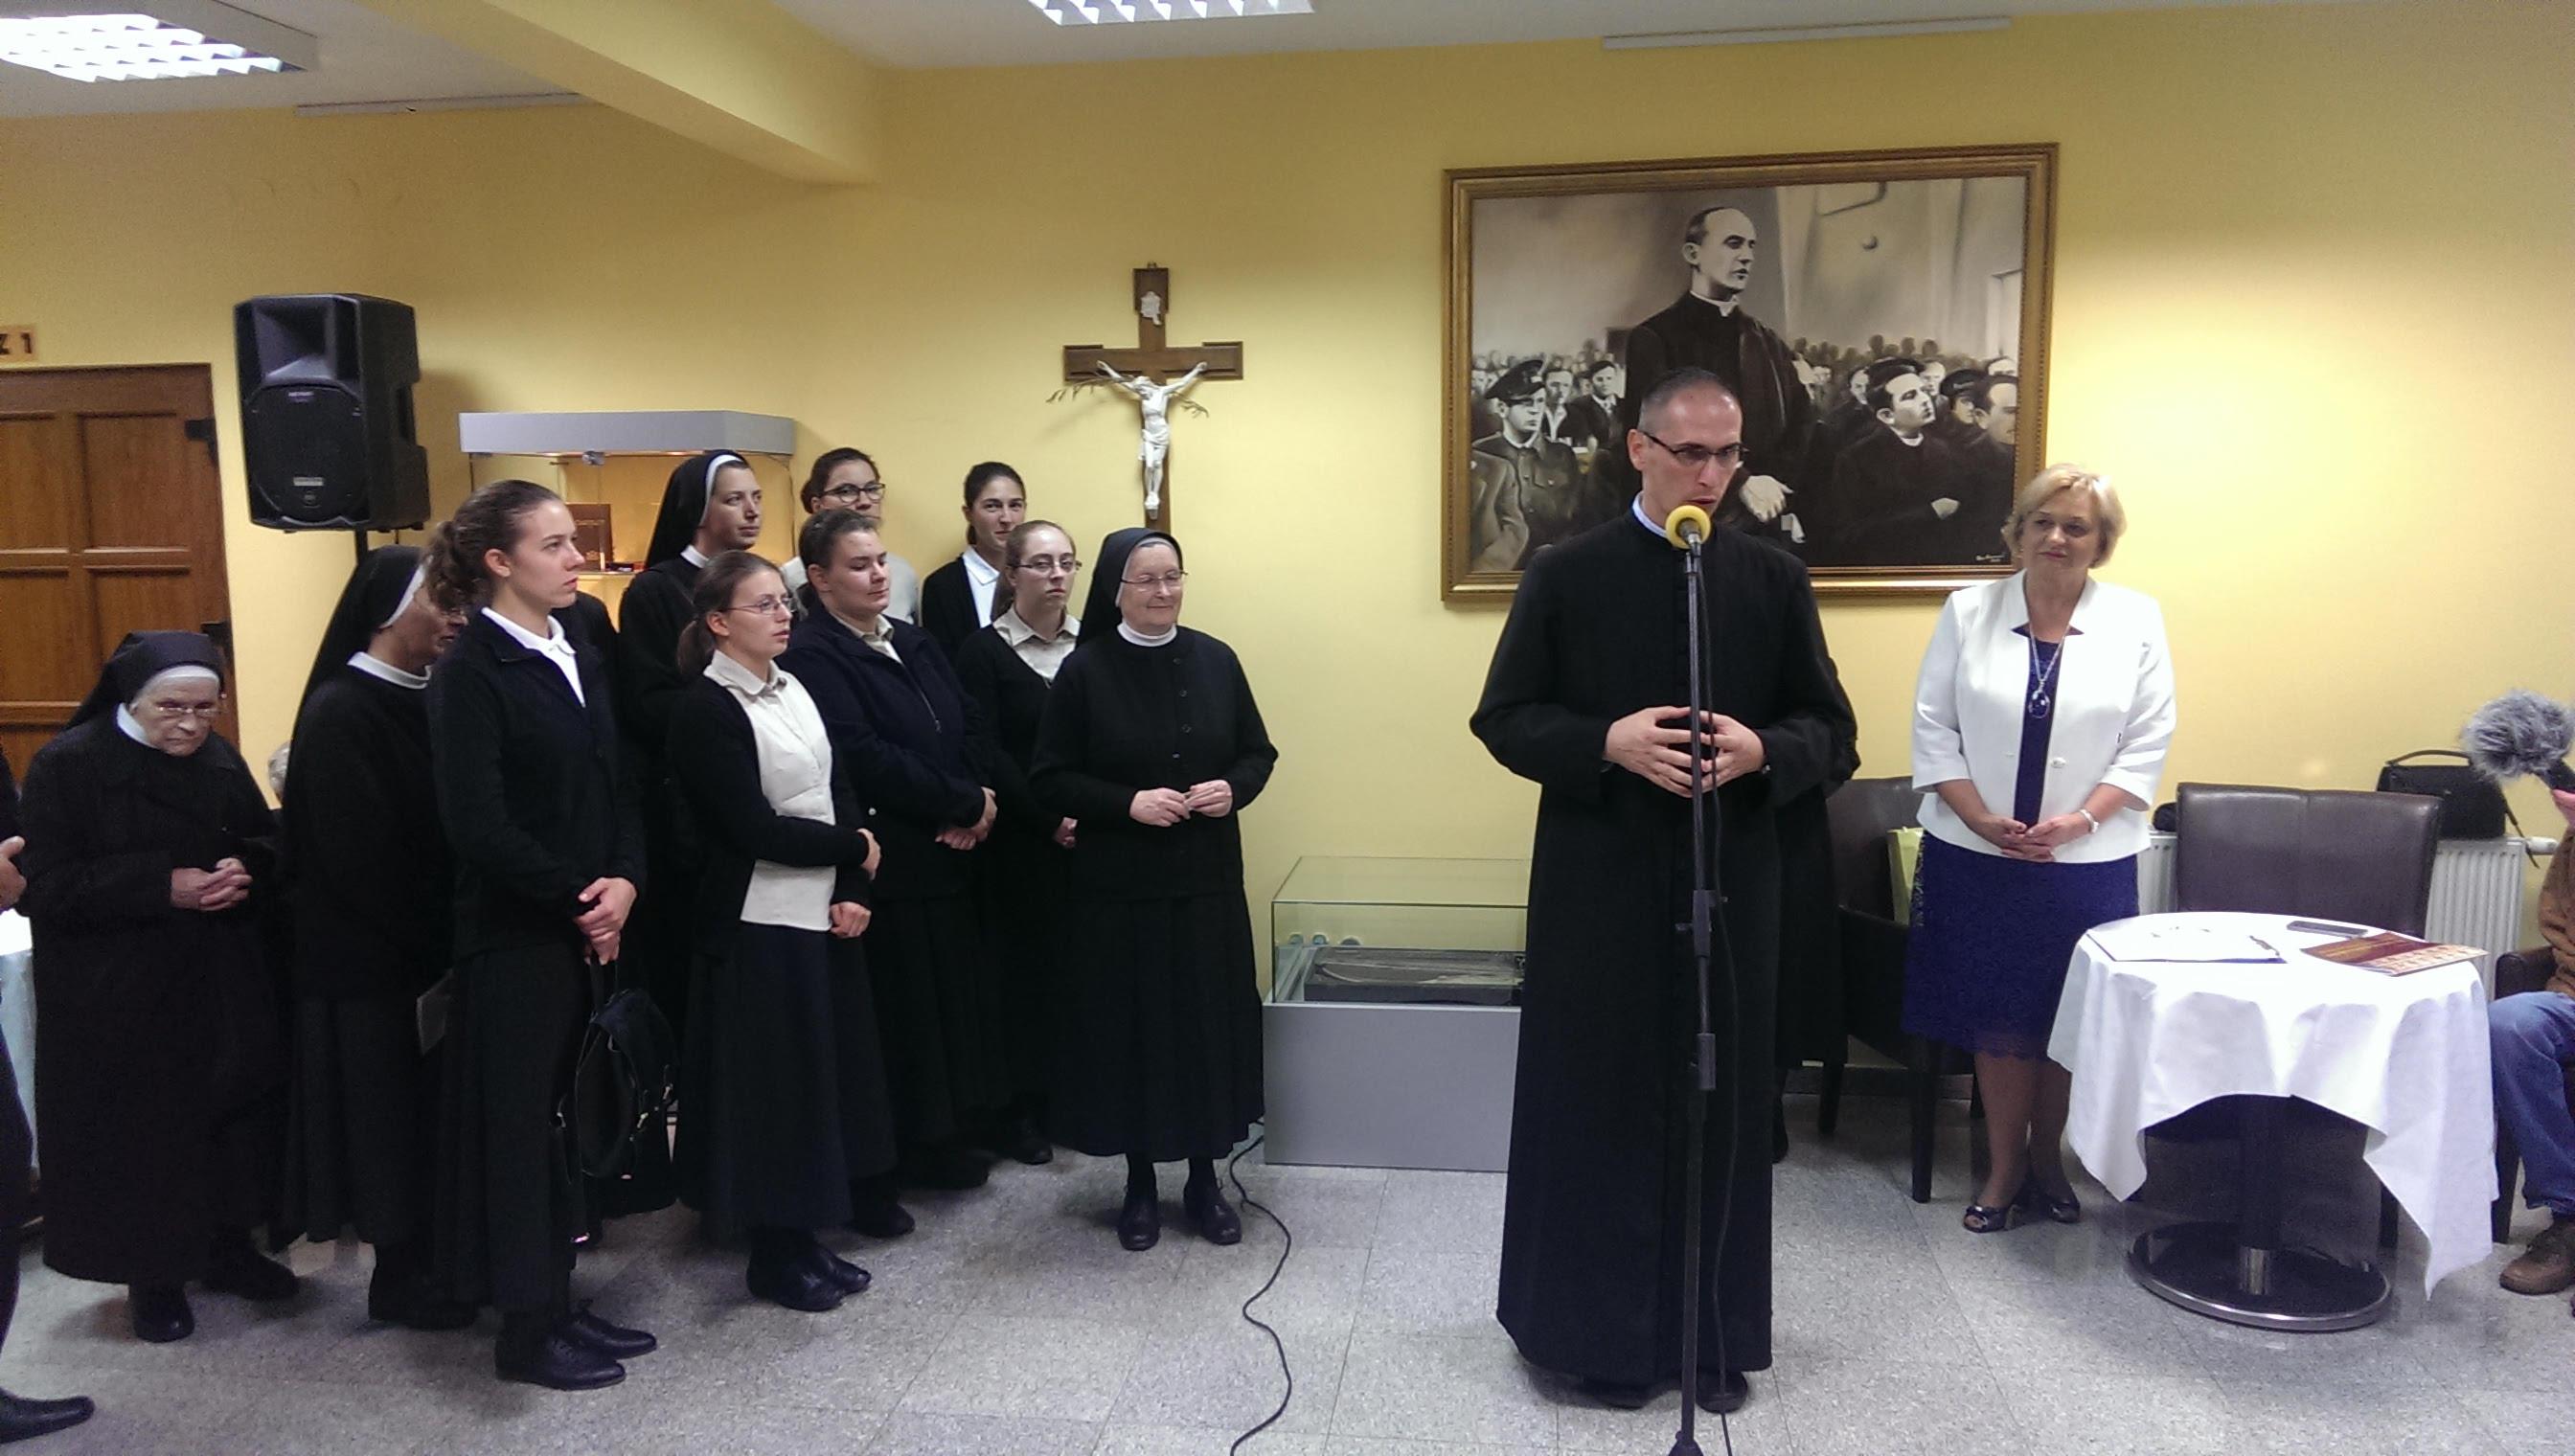 Županjski župnik Robert Jugović govori prigodom otvorenja izložbe 150 godina zajedno